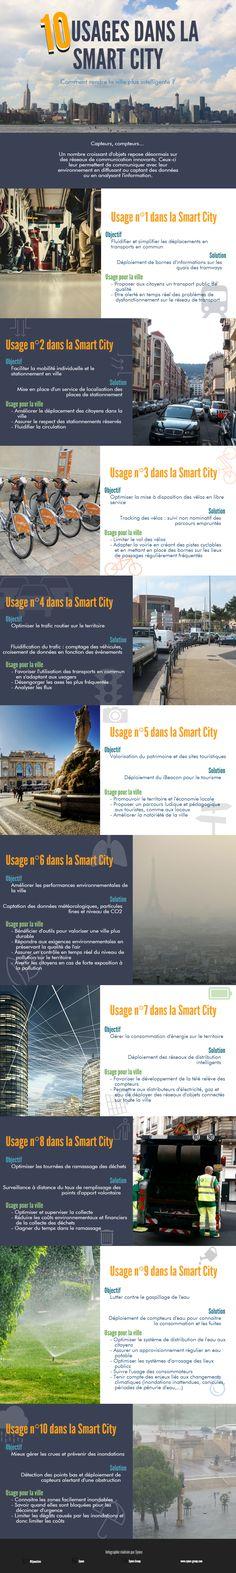 10 Usages dans la Smart City : Découvrez 10 idées pour la ville intelligente de demain, ou comment mieux vivre avec les nouvelles technologies, comment améliorer sa qualité de vie en milieu urbain Open Data, Smart City, Innovation, Cities, Architecture, Projects, Inspiration, Internet Of Things, New Technology